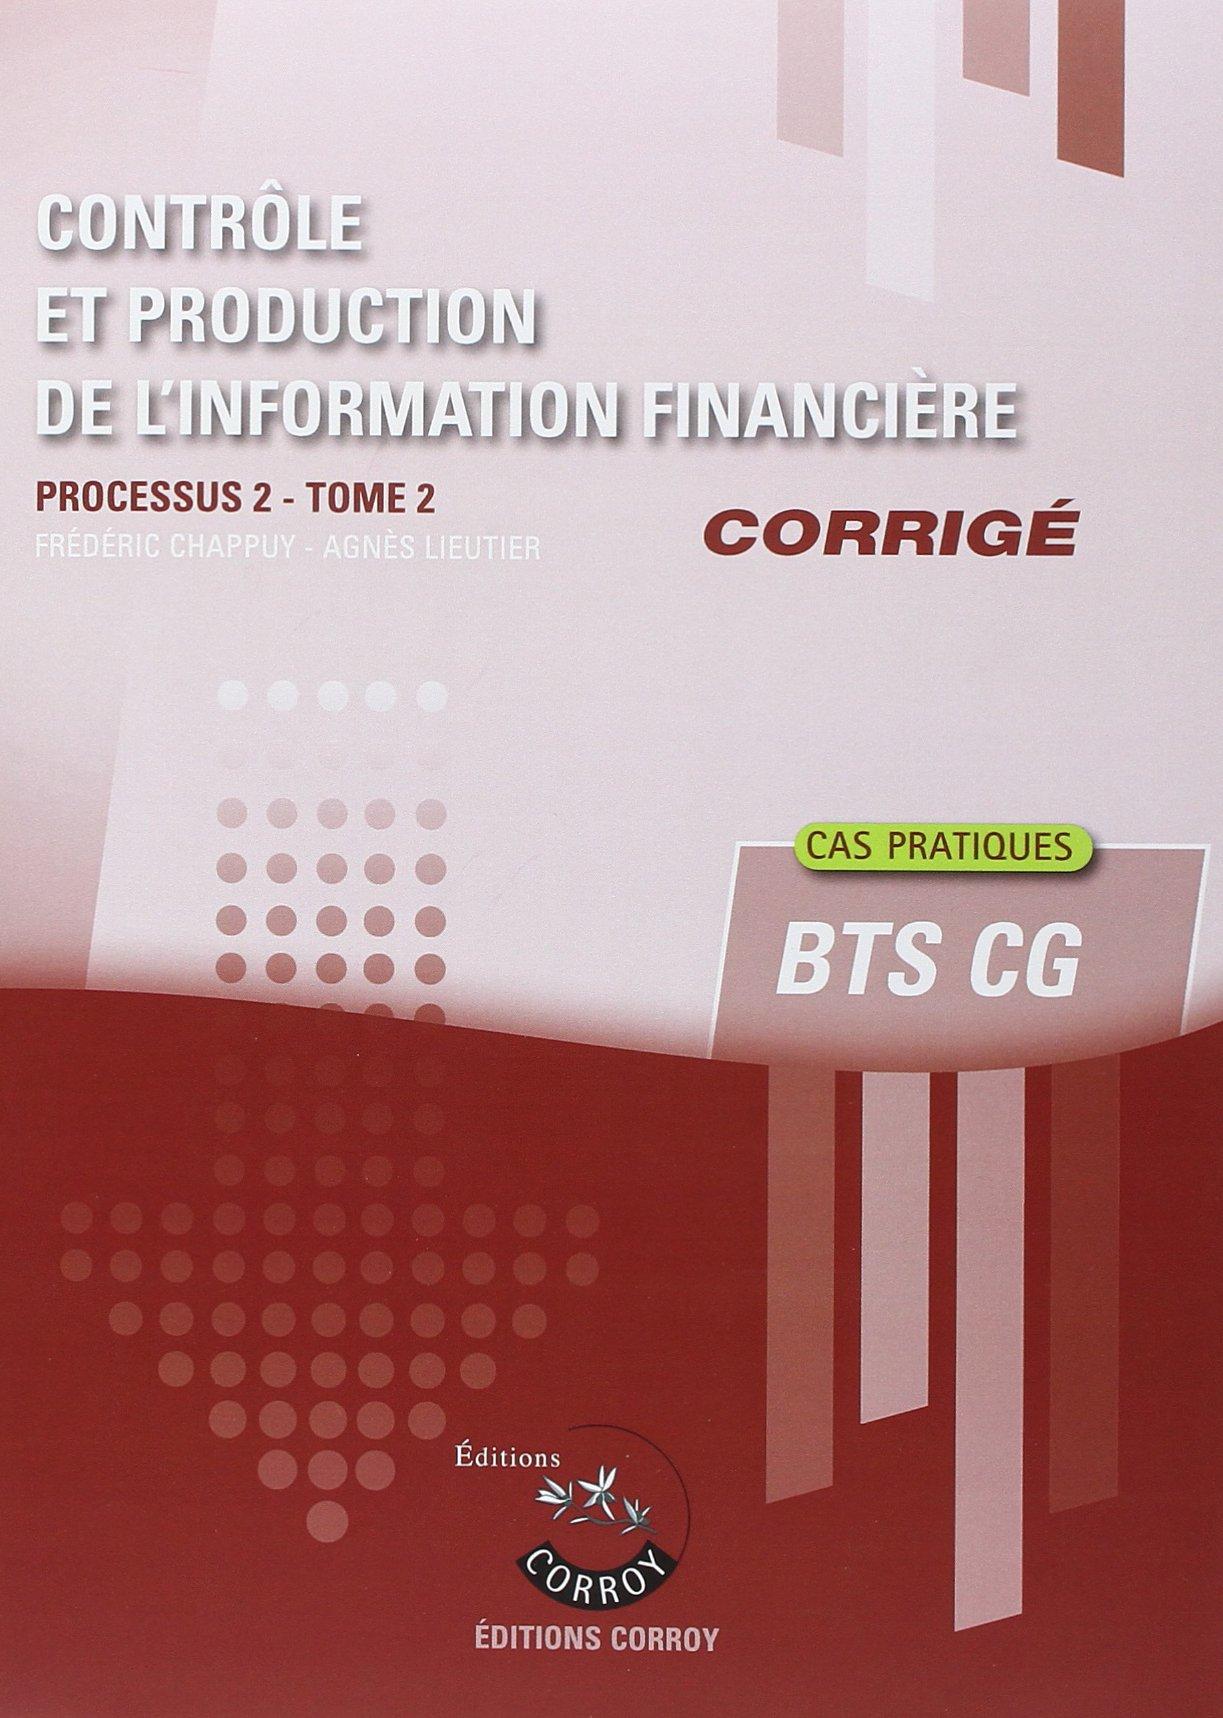 Contrôle et production de l'information financière : Processus 2 Tome 2 Corrigé